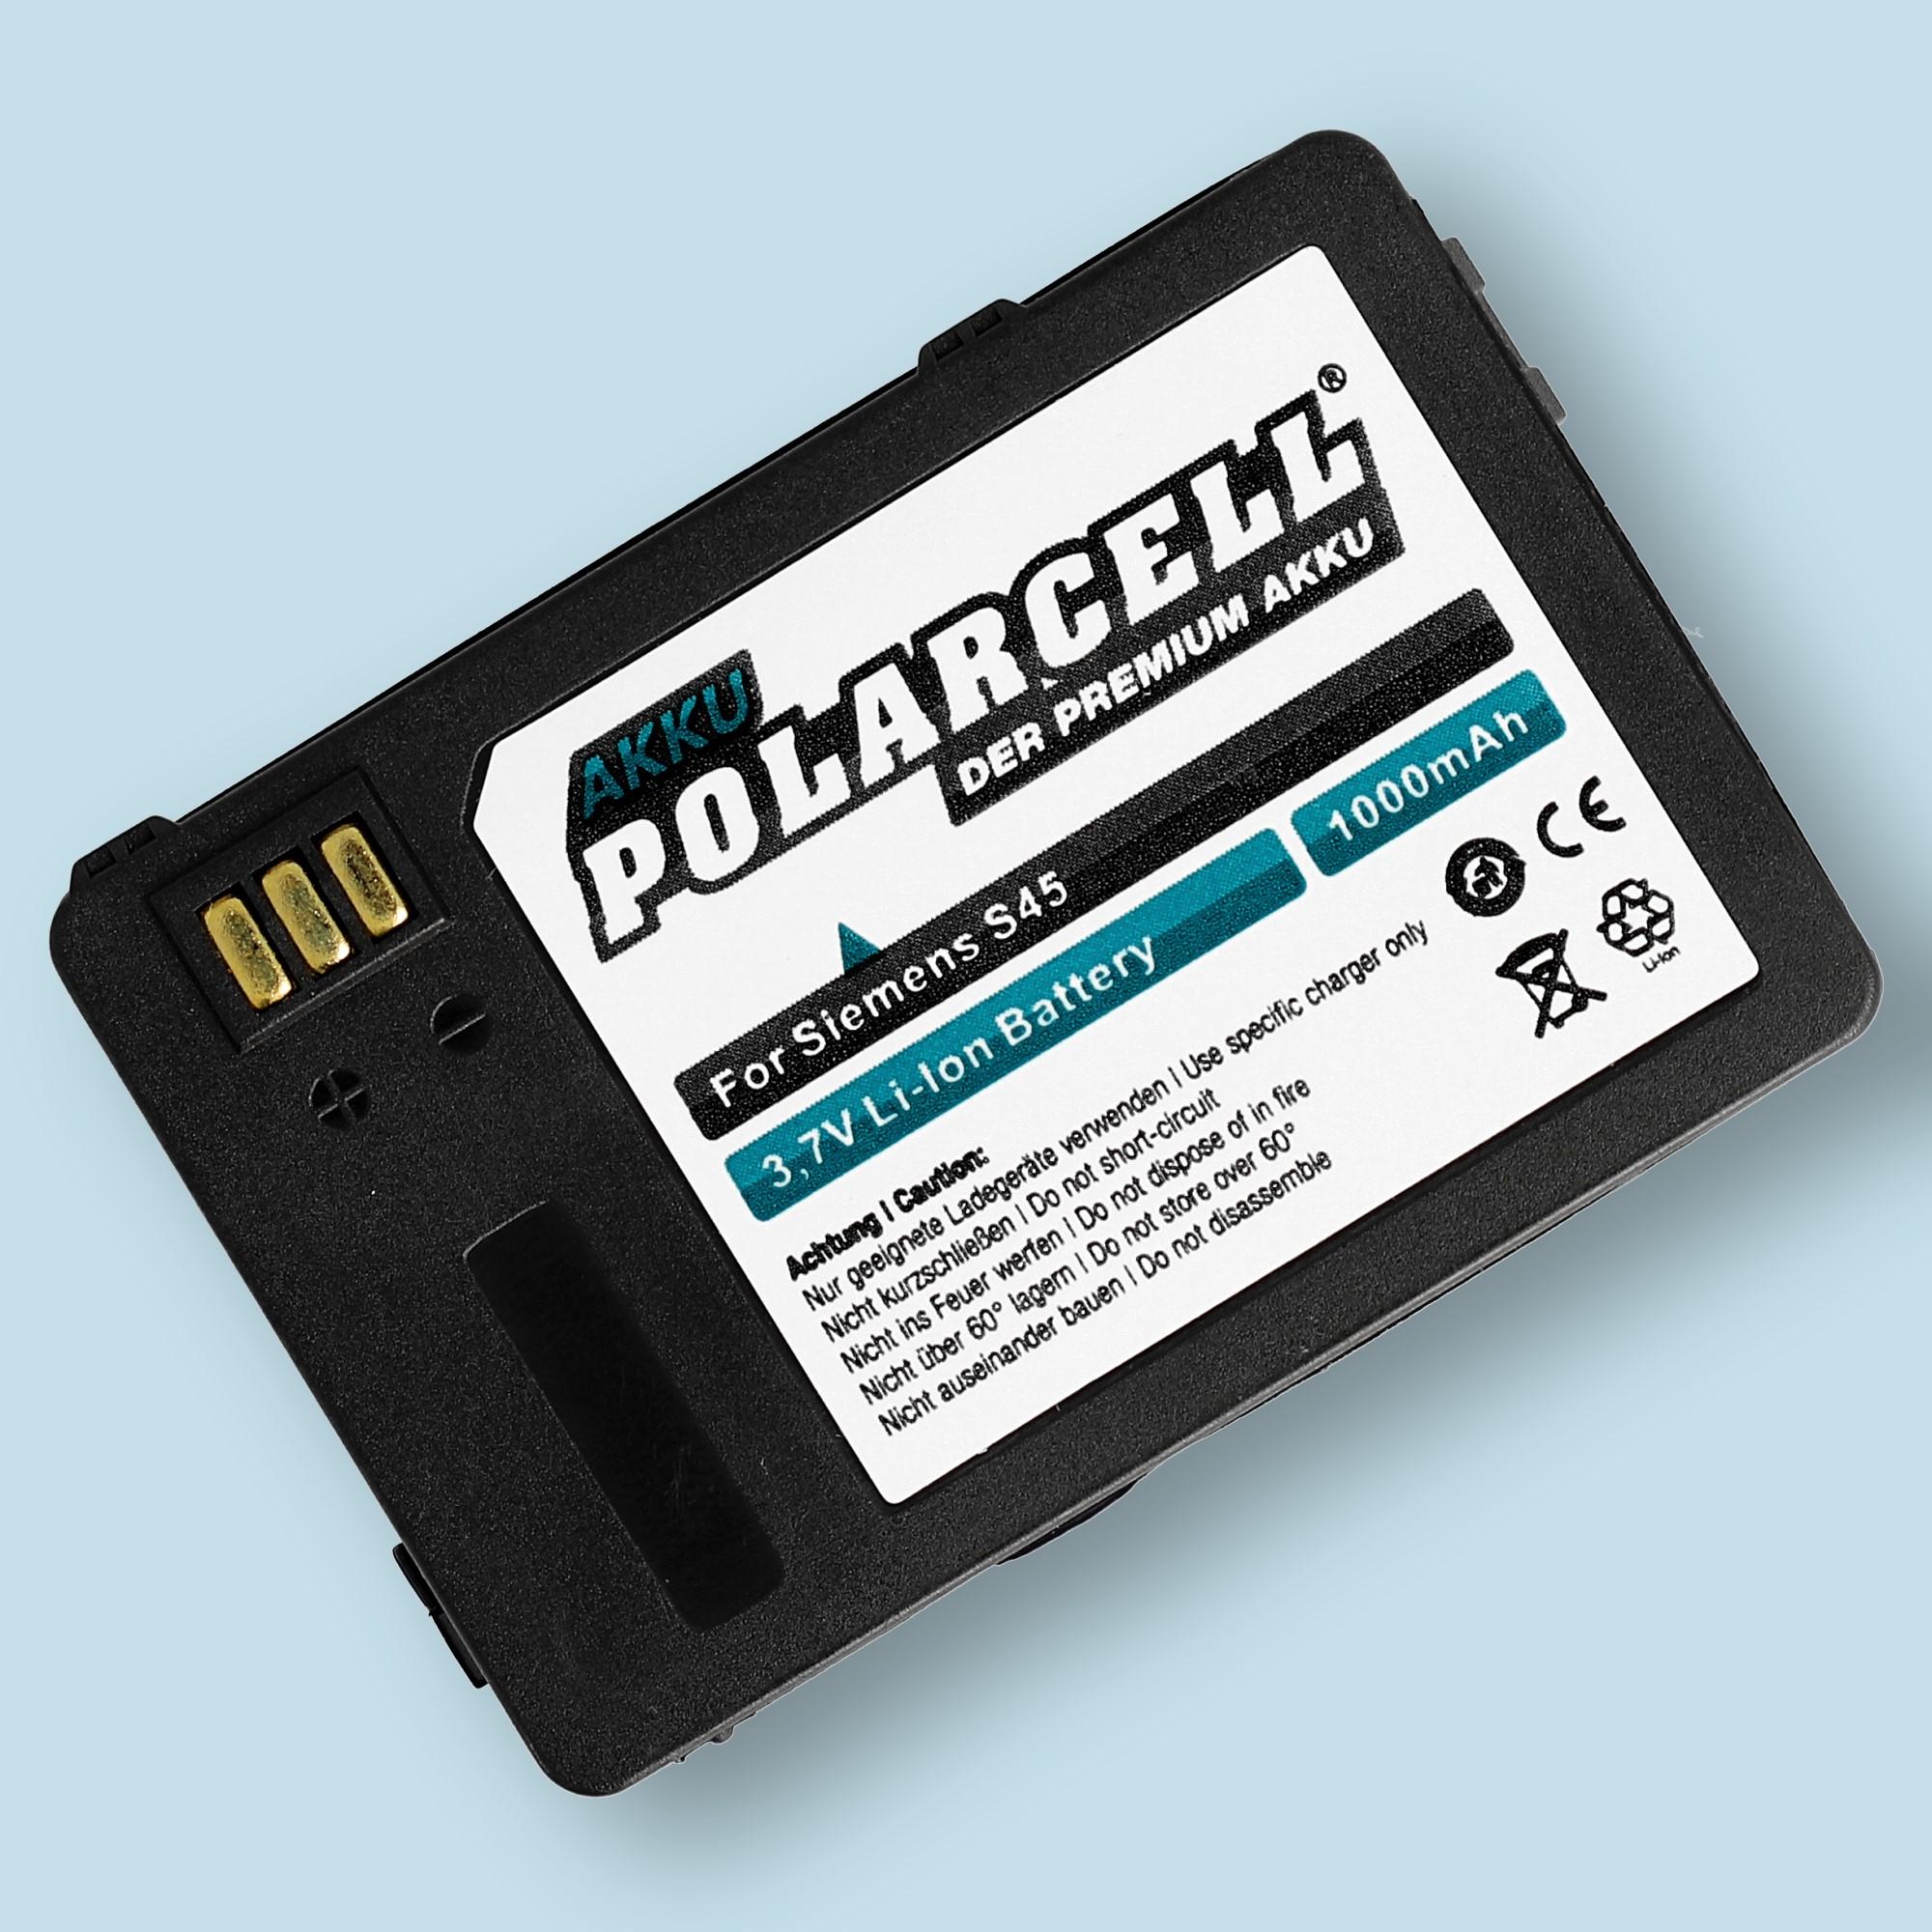 PolarCell® Hochleistungsakku für Siemens S45 / S45i, ersetzt Originalakku V30145-K1310-X183